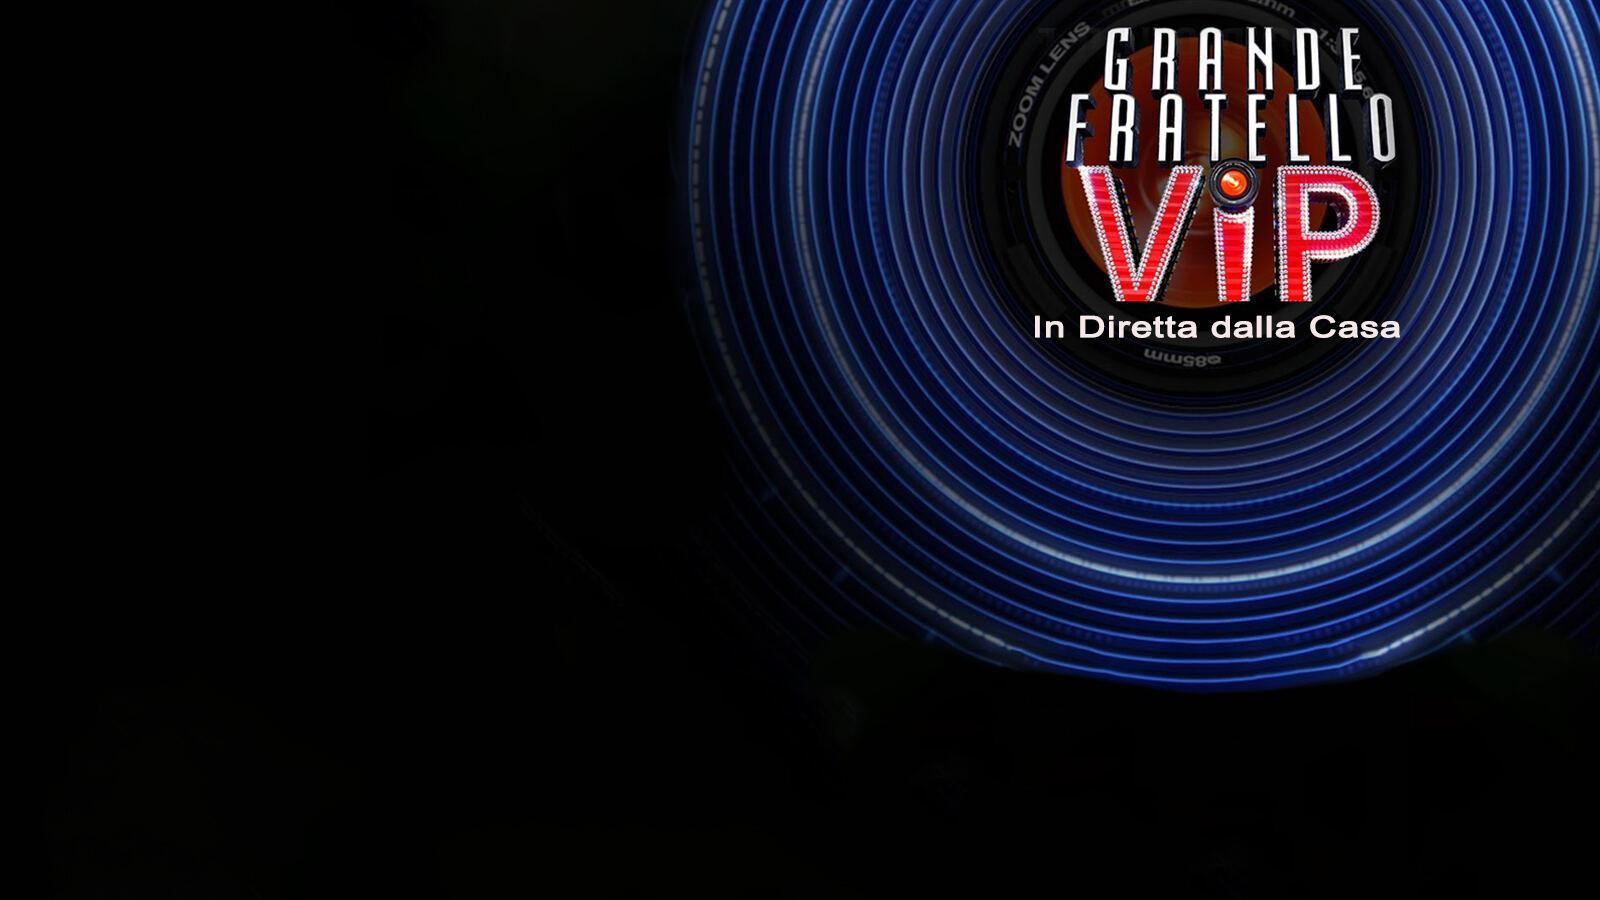 Mediaset Extra Grande fratello vip aut. - lun/ven c5  (diretta)